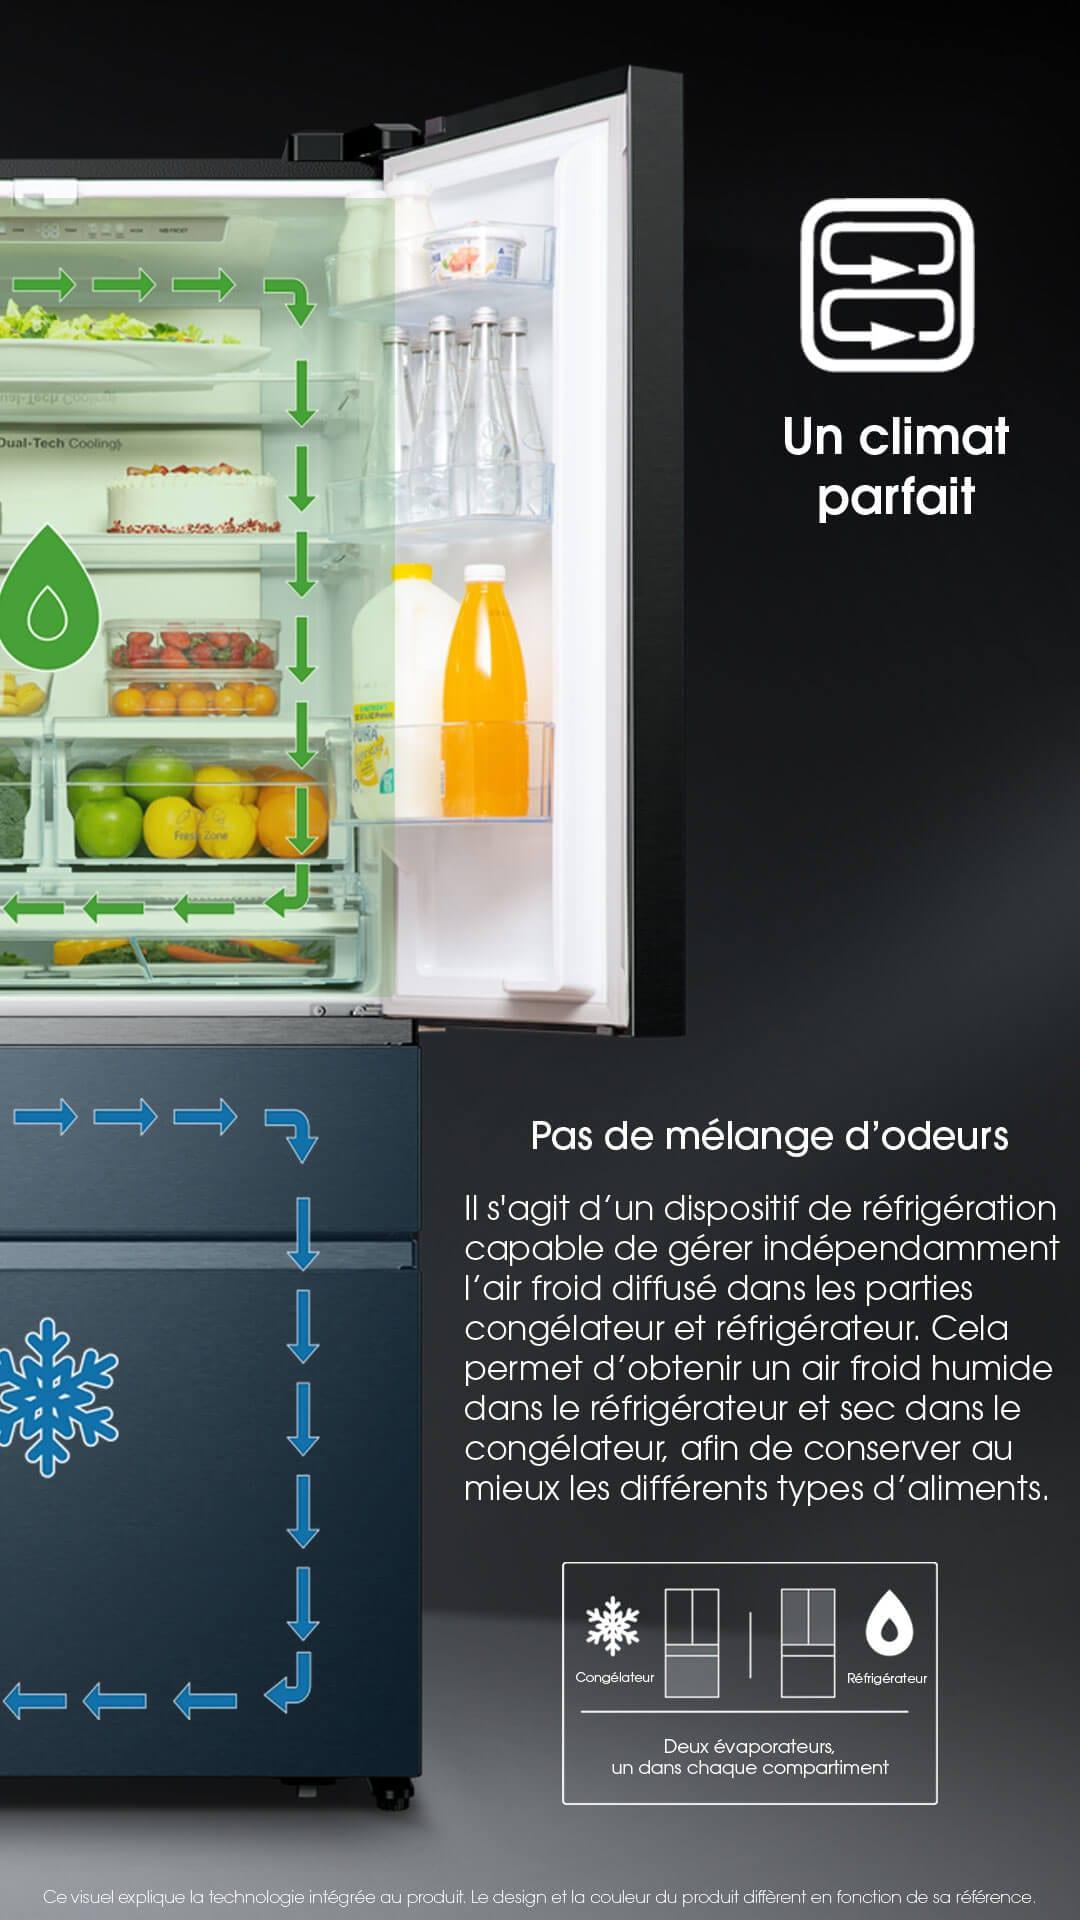 Il s'agit d'un dispositif de réfrigération capable de gérer indépendamment l'air froid diffusé dans les parties congélateur et réfrigérateur. Cela permet d'obtenir un air froid humide dans le réfrigérateur et sec dans le congélateur, afin de conserver au mieux les différents types d'aliments.